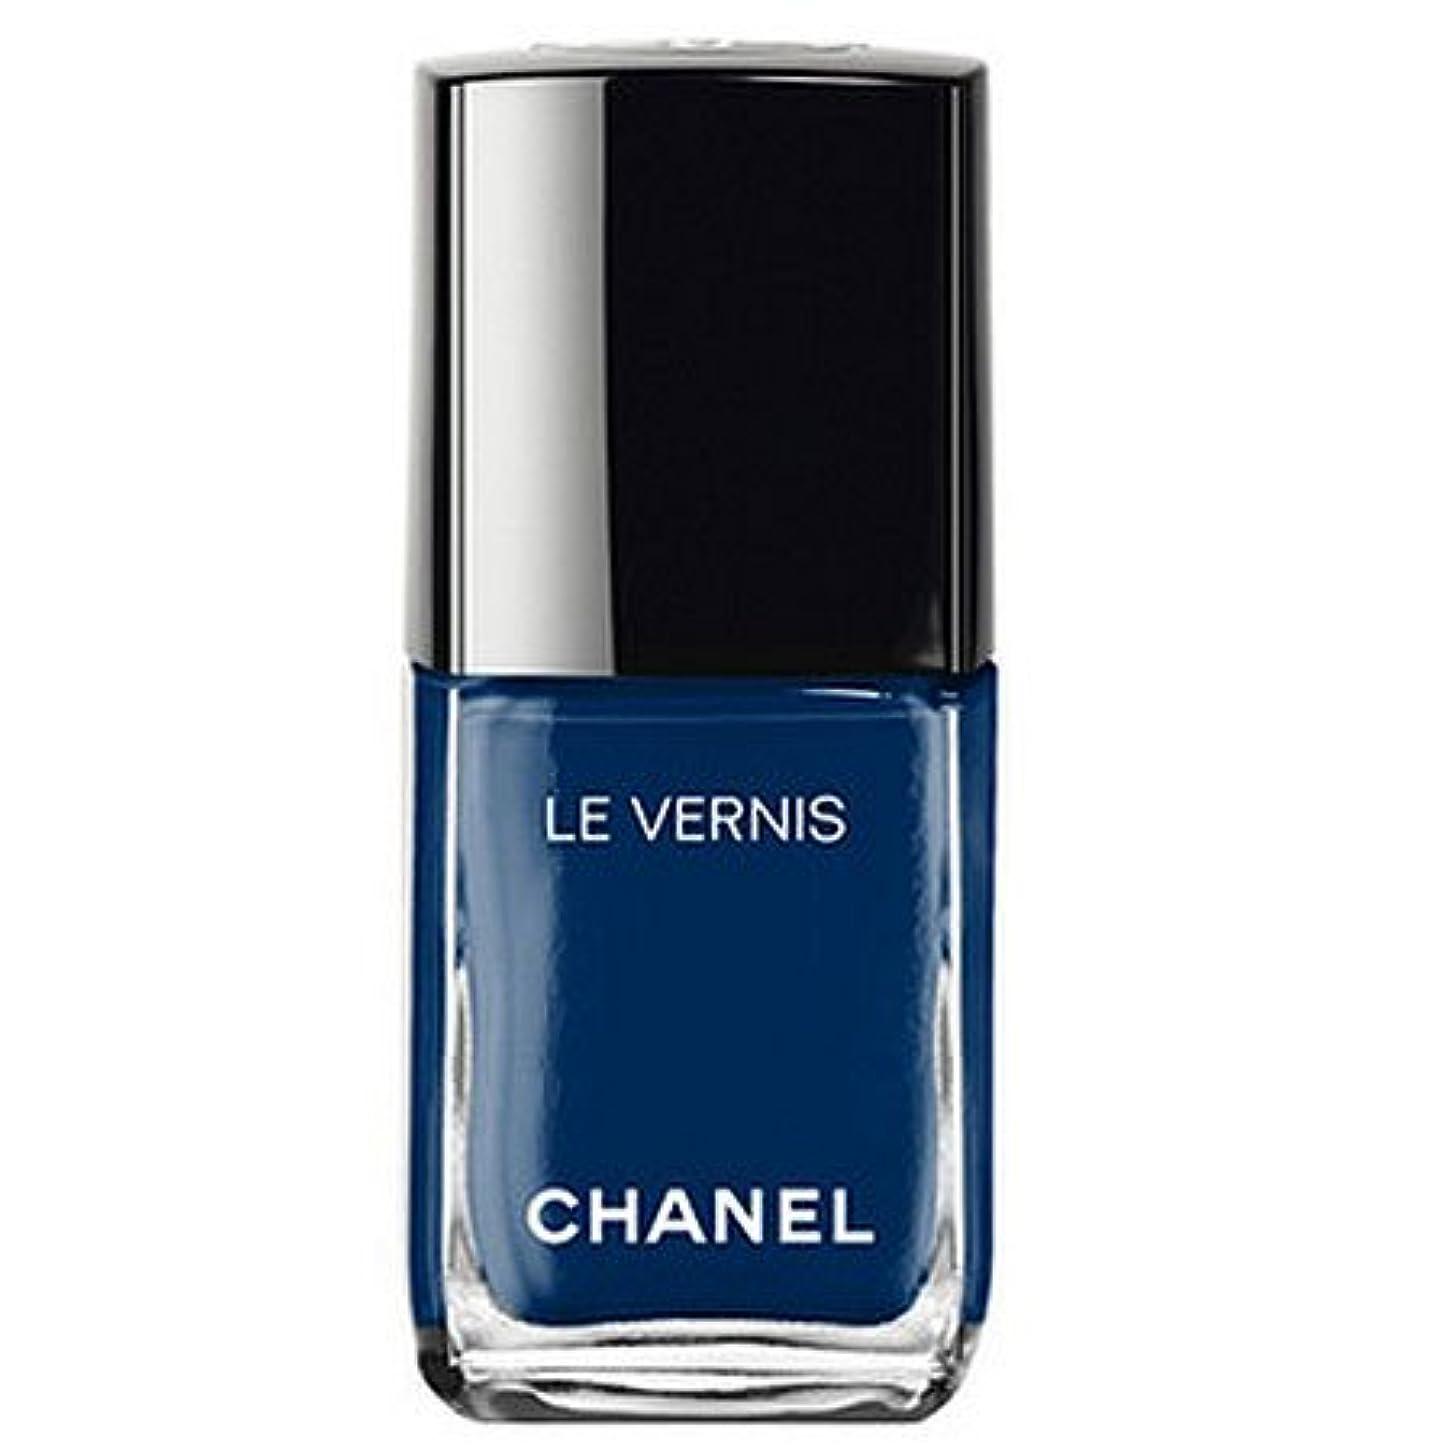 暴力的なまたはどちらか両方シャネル ヴェルニ ロング トゥニュ 624 ブルー トロンペール-CHANEL-